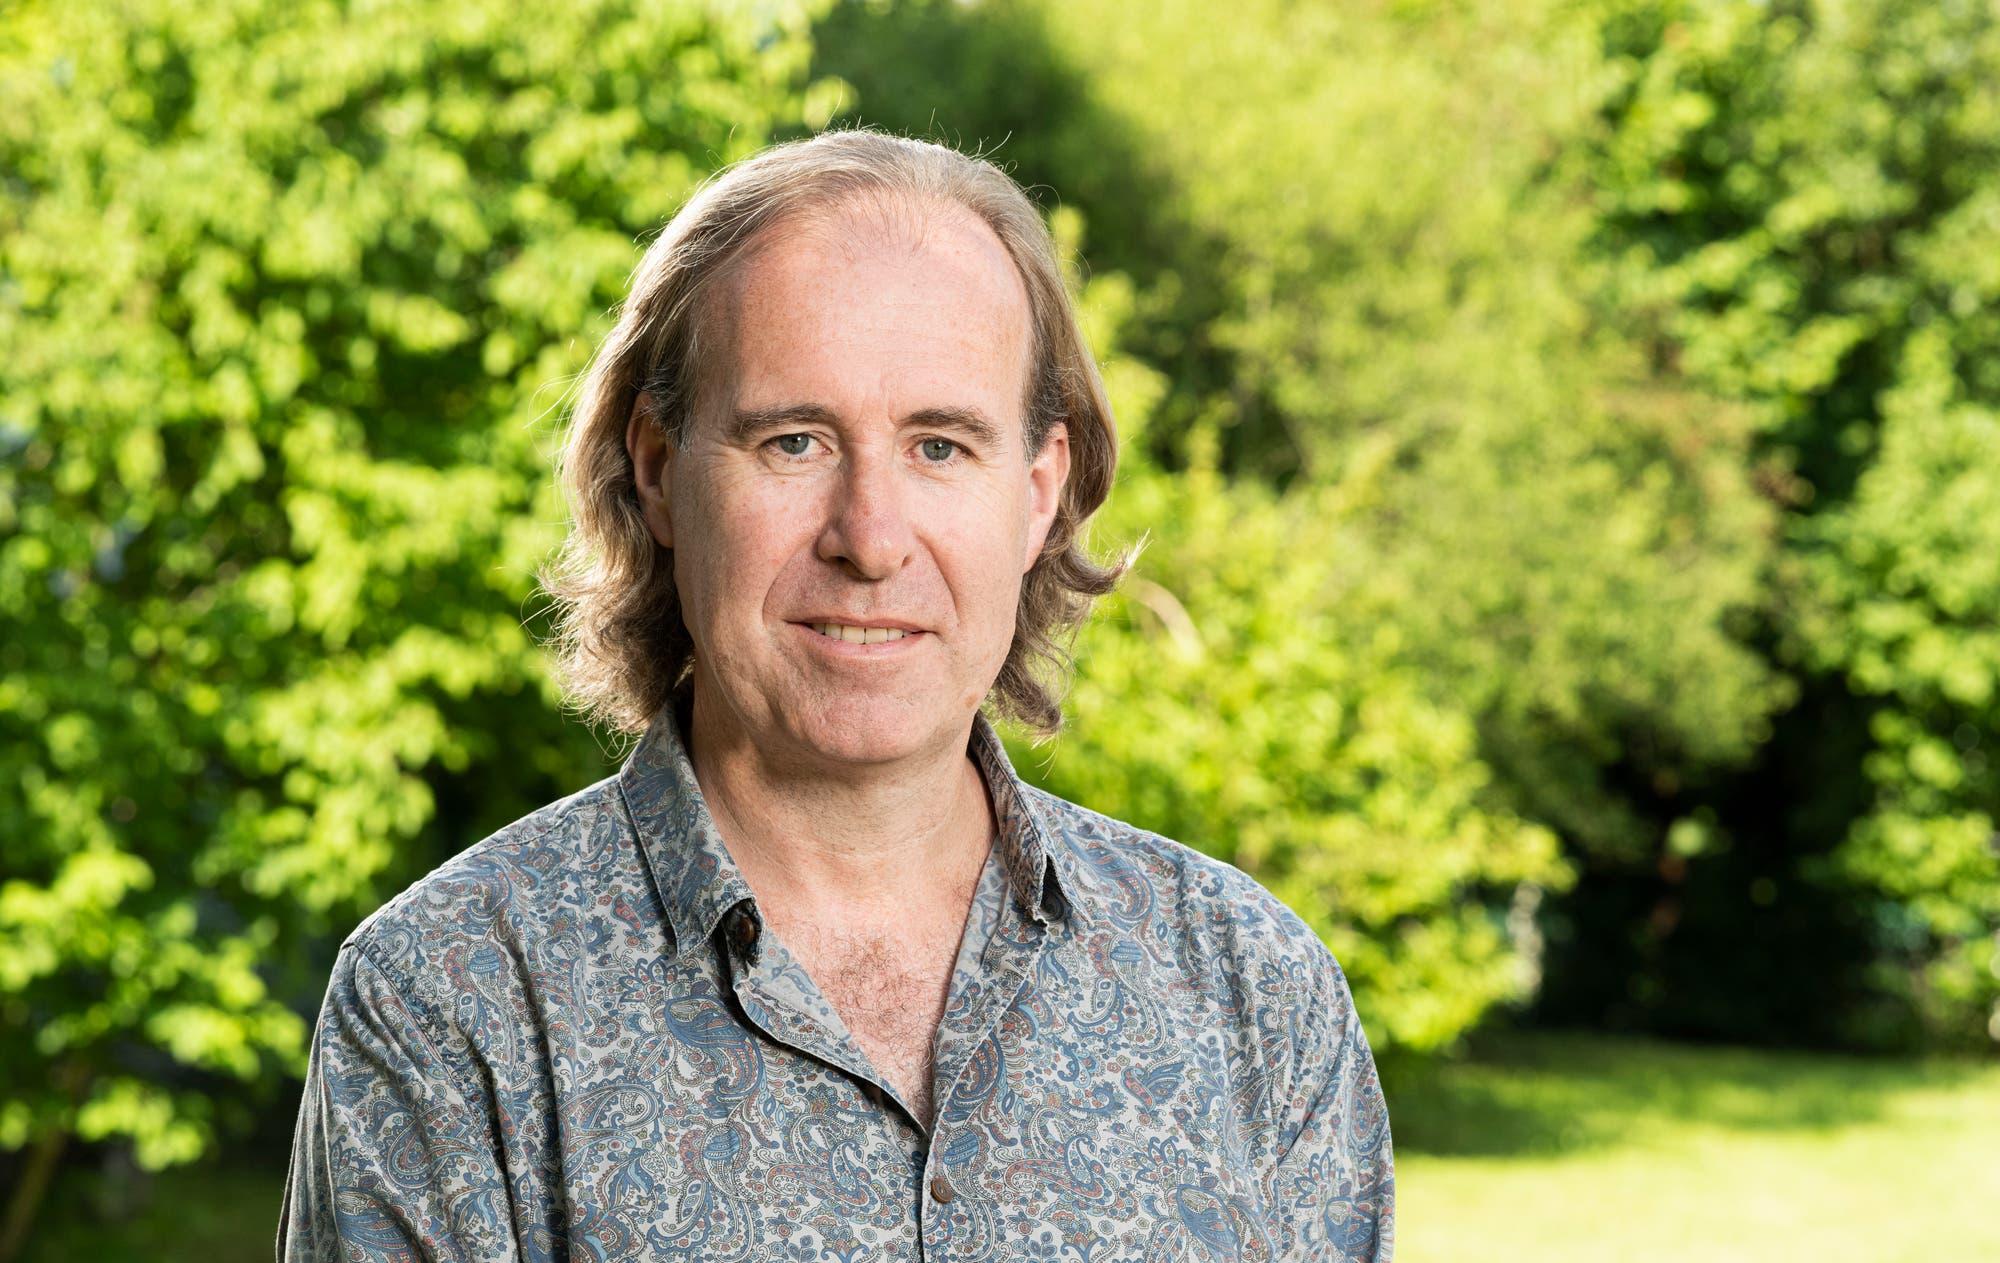 Mark Rounsevell ist Professor für Landnutzungsänderung am Institut für Geographie und Geoökologie des Karlsruher Instituts für Technologie.